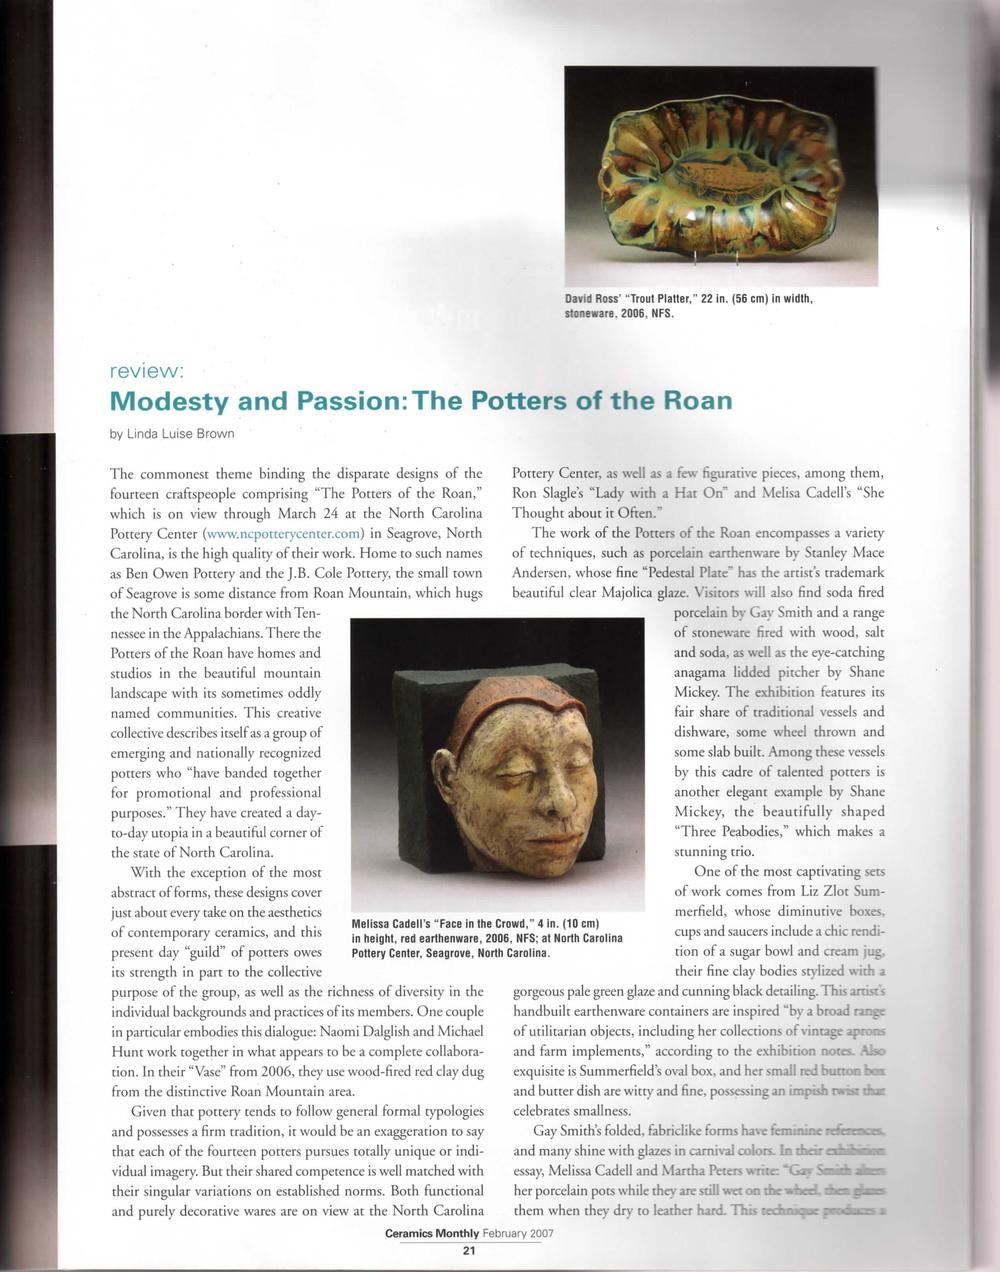 ceramics monthly feb 2007007-2.jpg